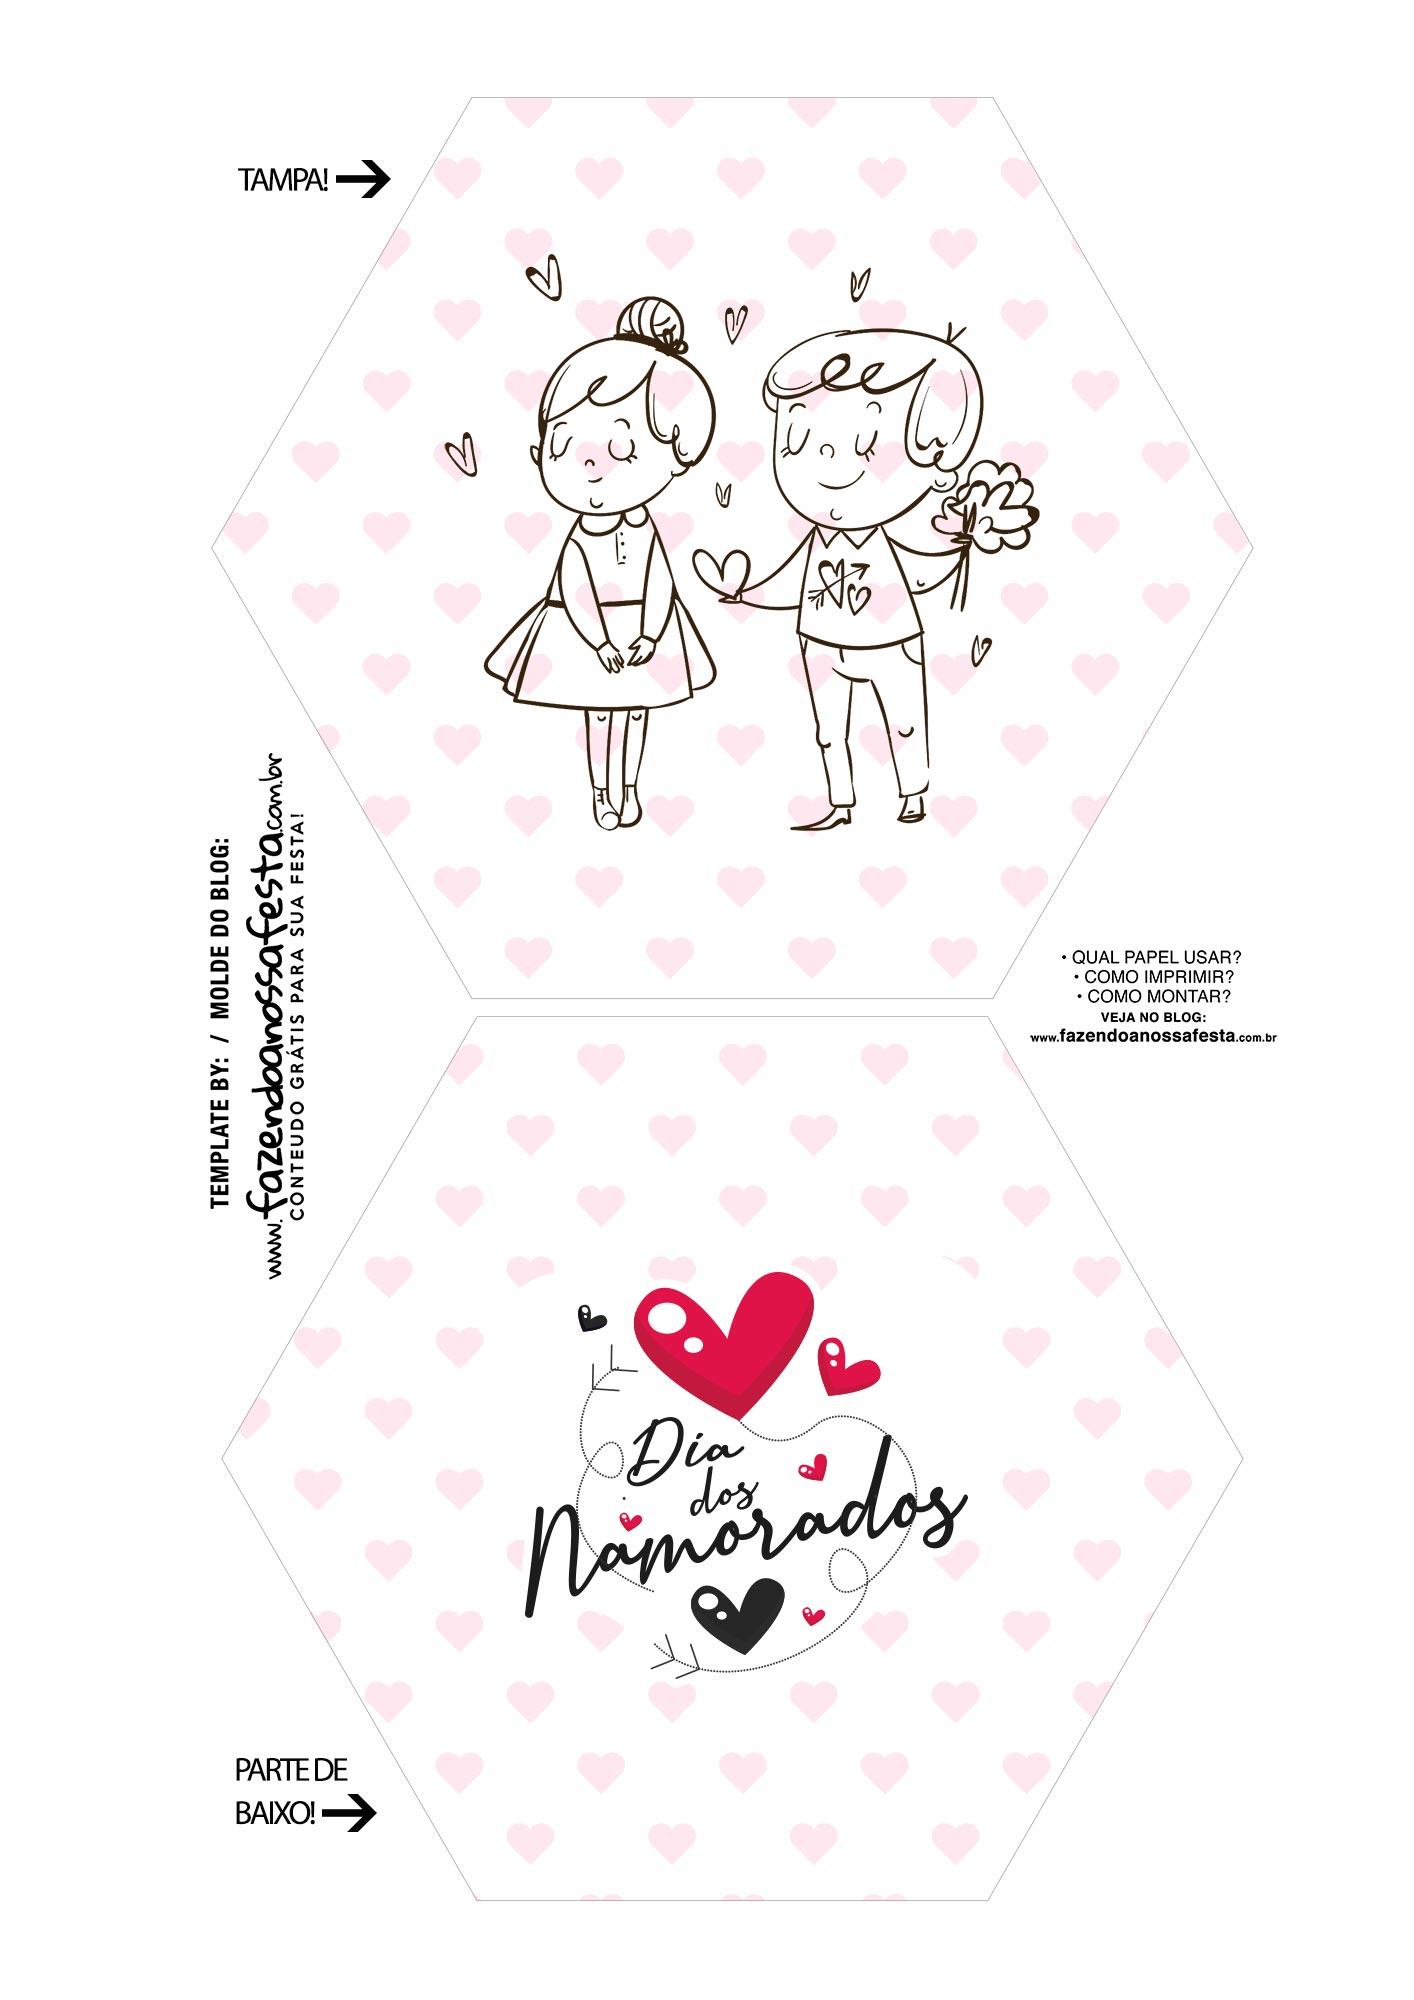 Caixa Explosiva Dia dos Namorados Casal Preto e branco 1